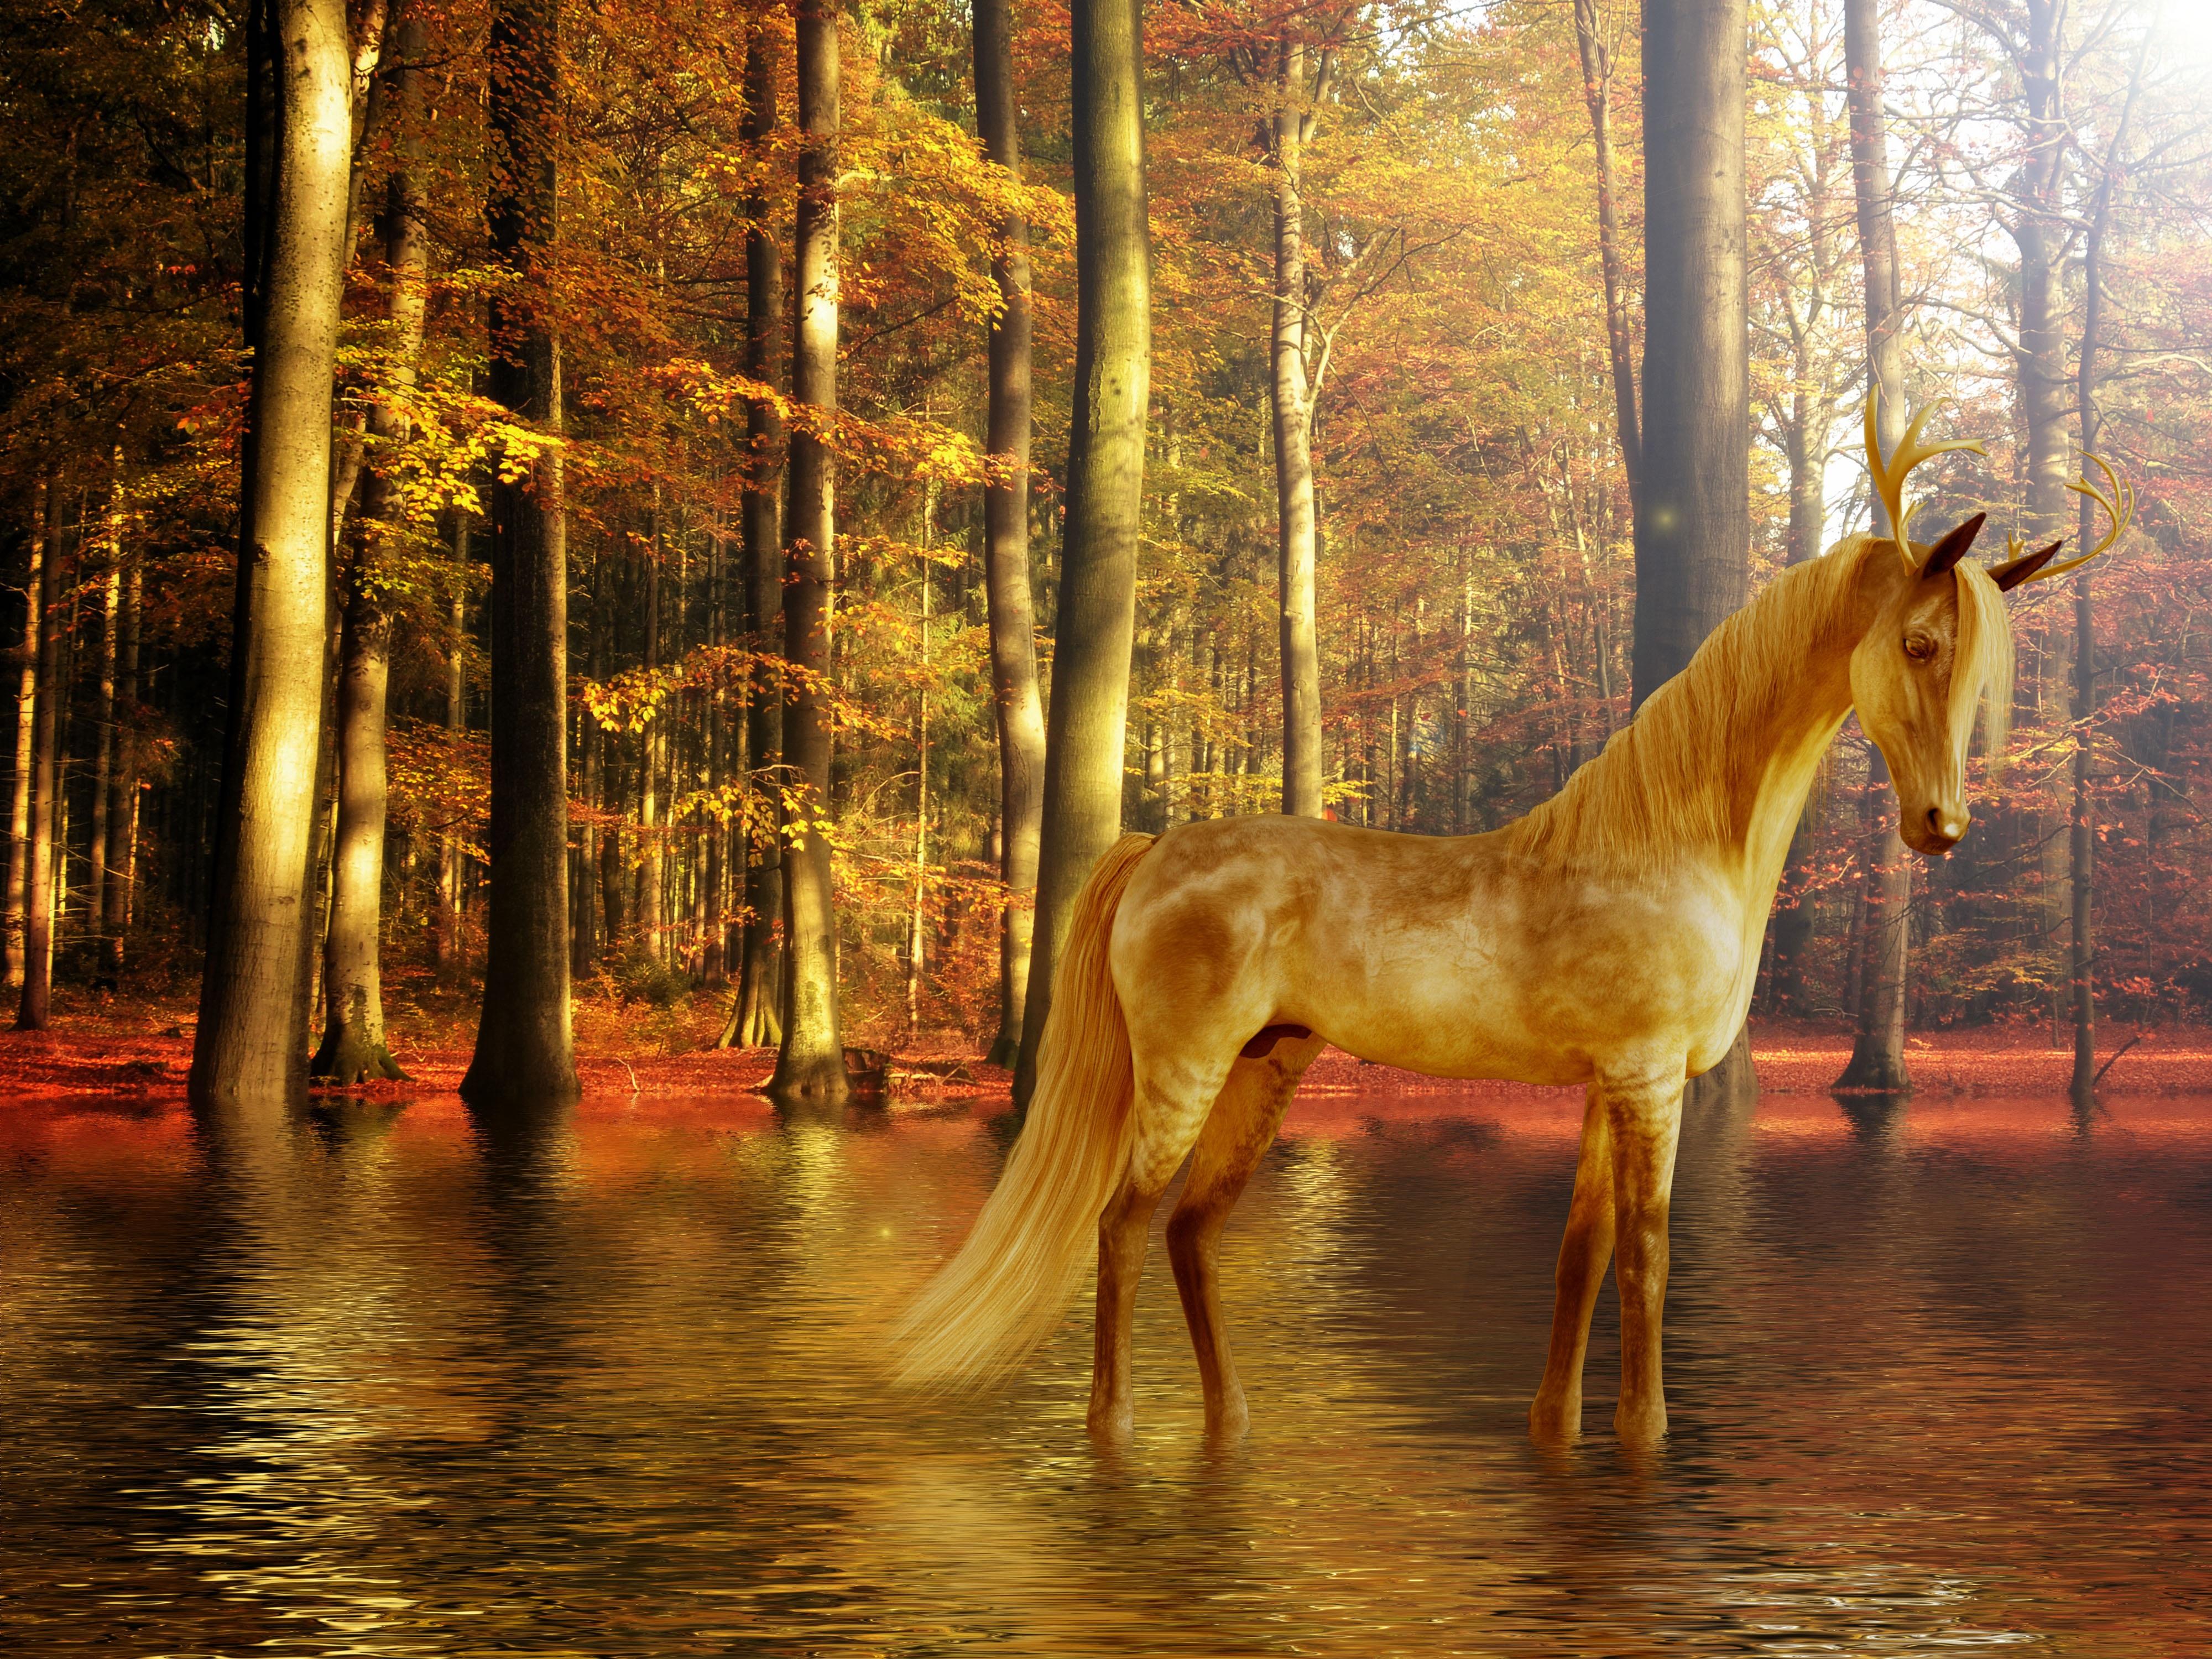 Free Images Fantasy Water Design Unicorn Nature Horse Like